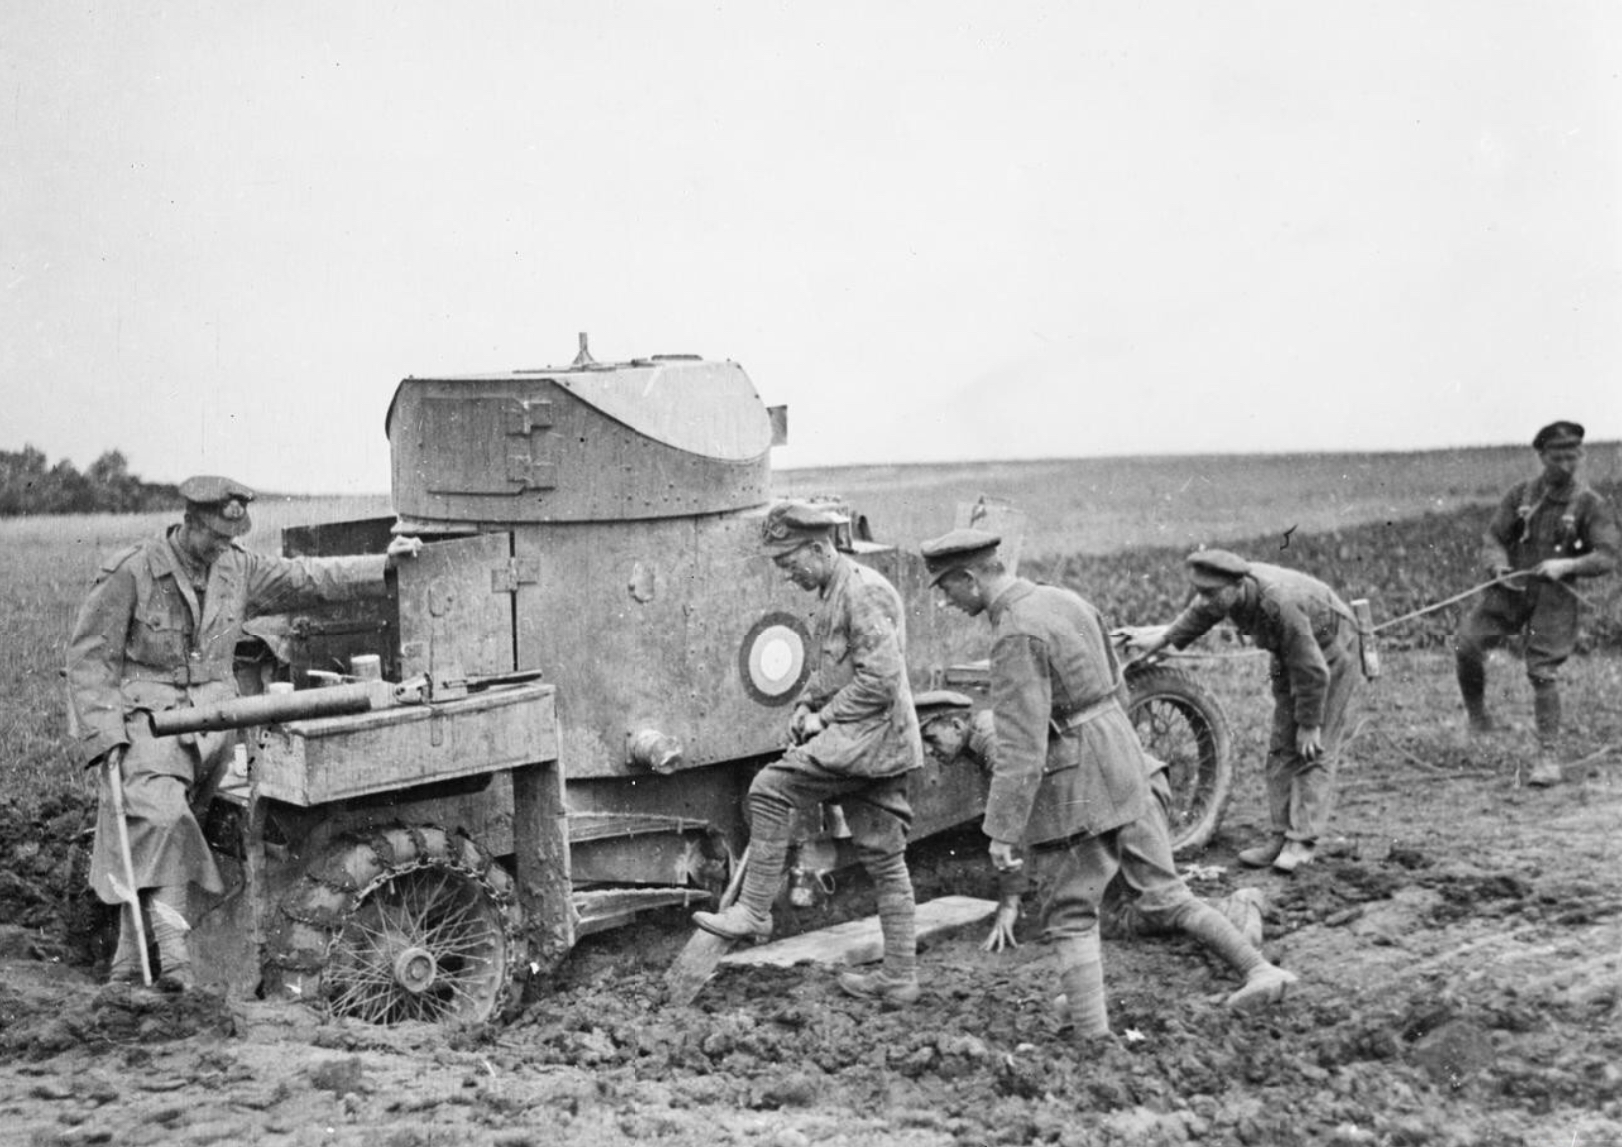 Lanchester_armoured_car,_IWM_Q_50674